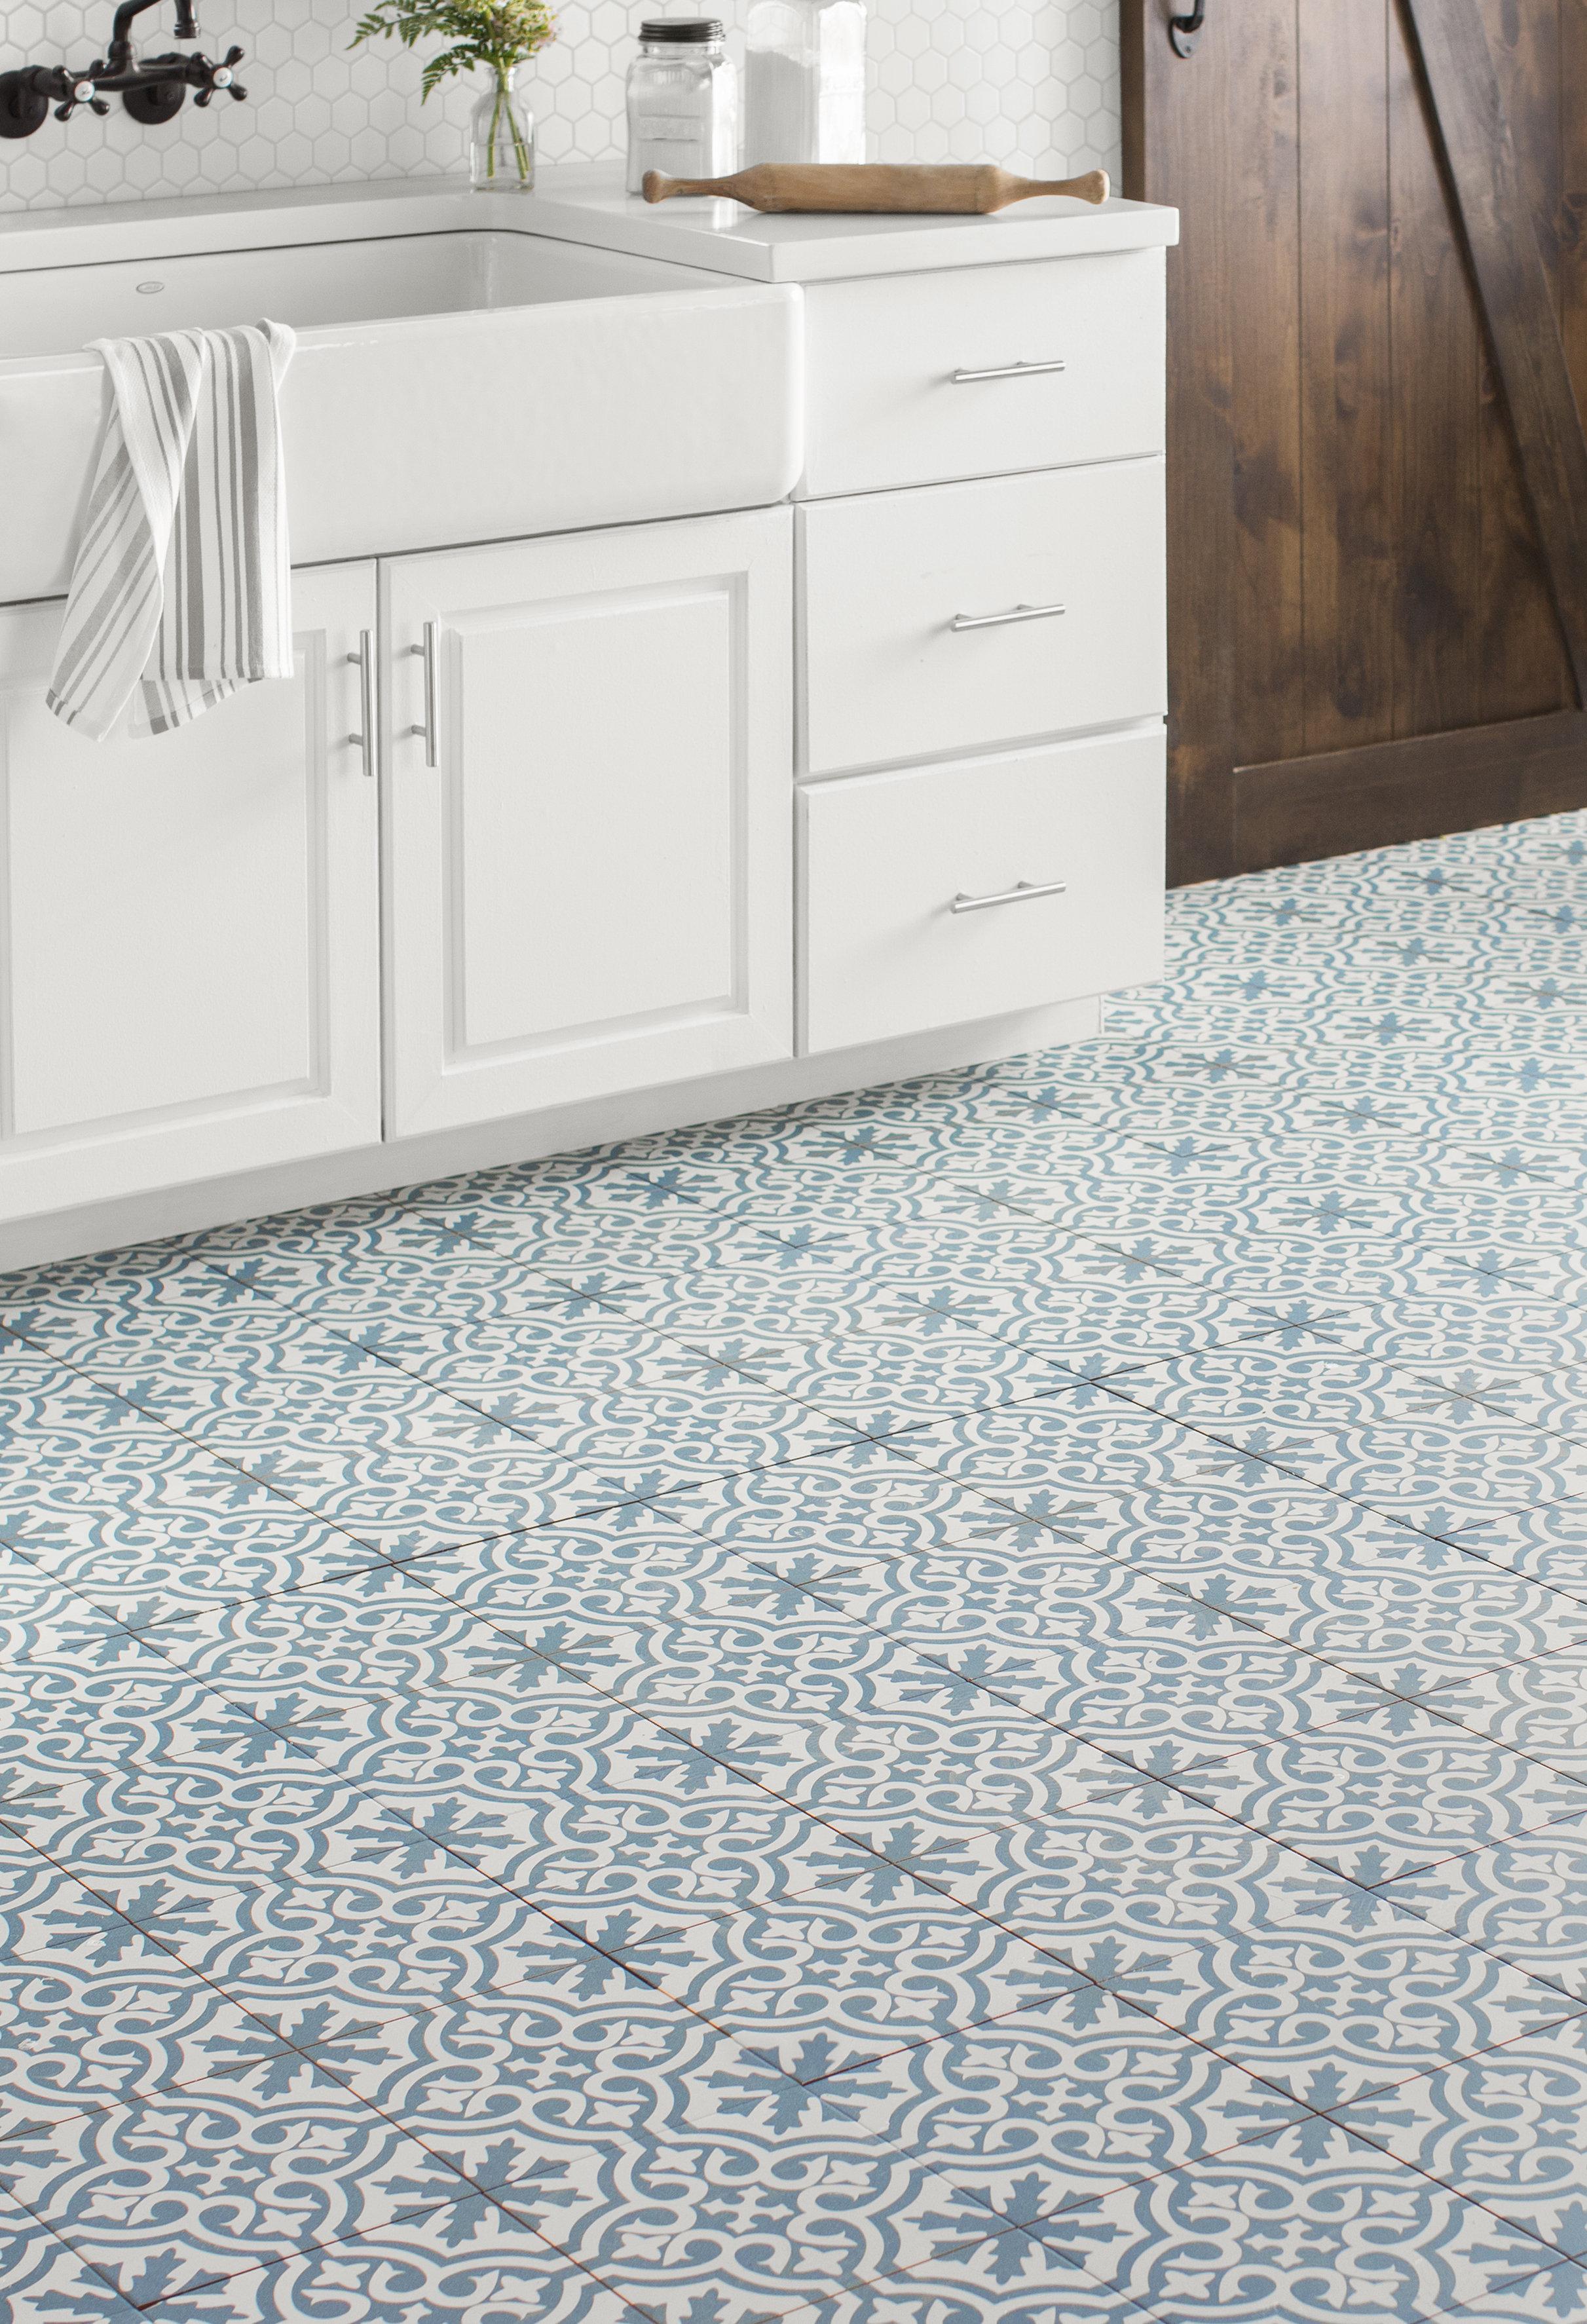 Elitetile Alameda 1763 X 1763 Ceramic Field Tile In Bluewhite